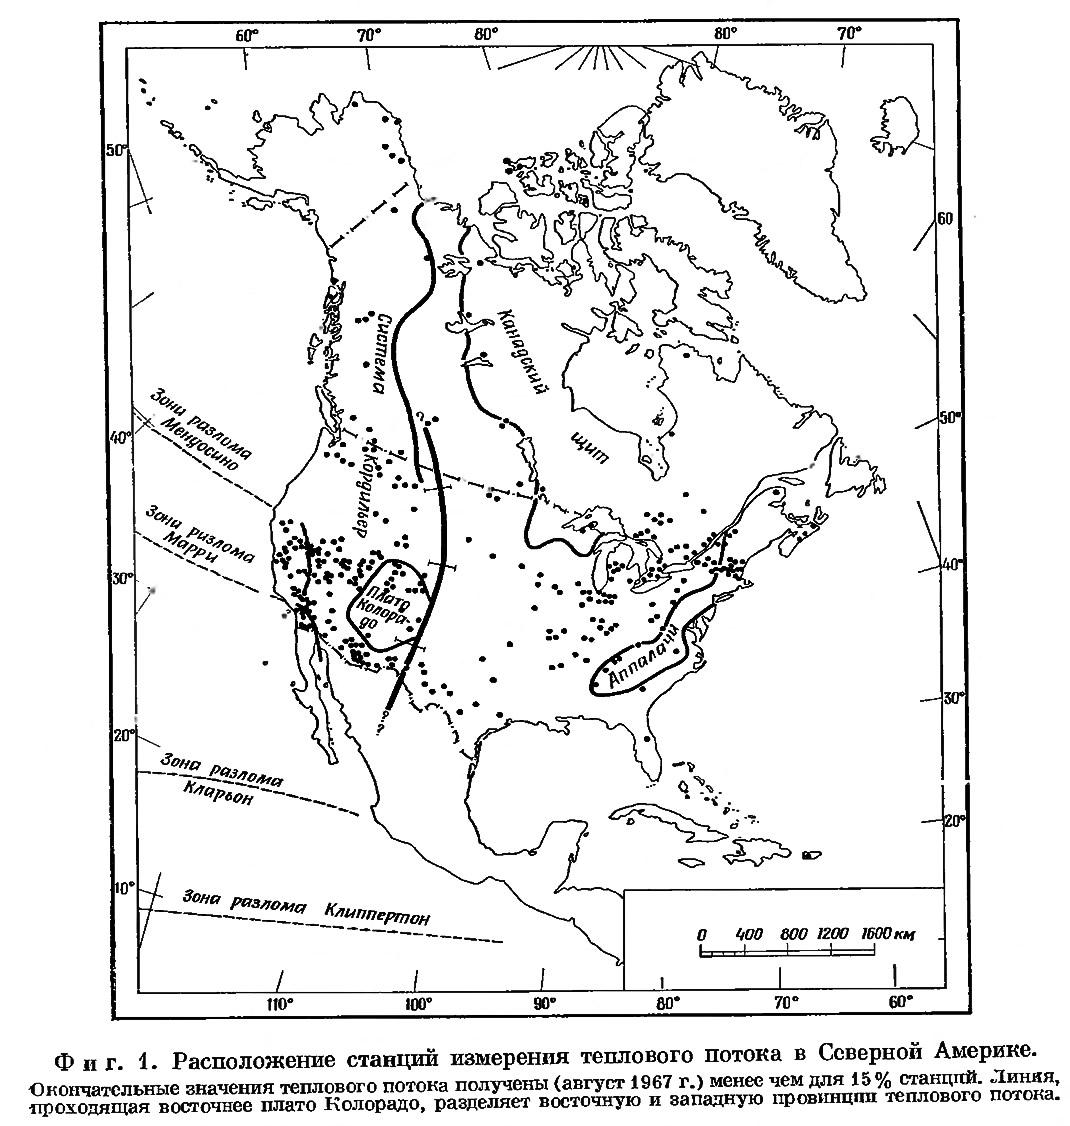 Фиг. 1. Расположение станций измерения теплового потока в Северной Америке